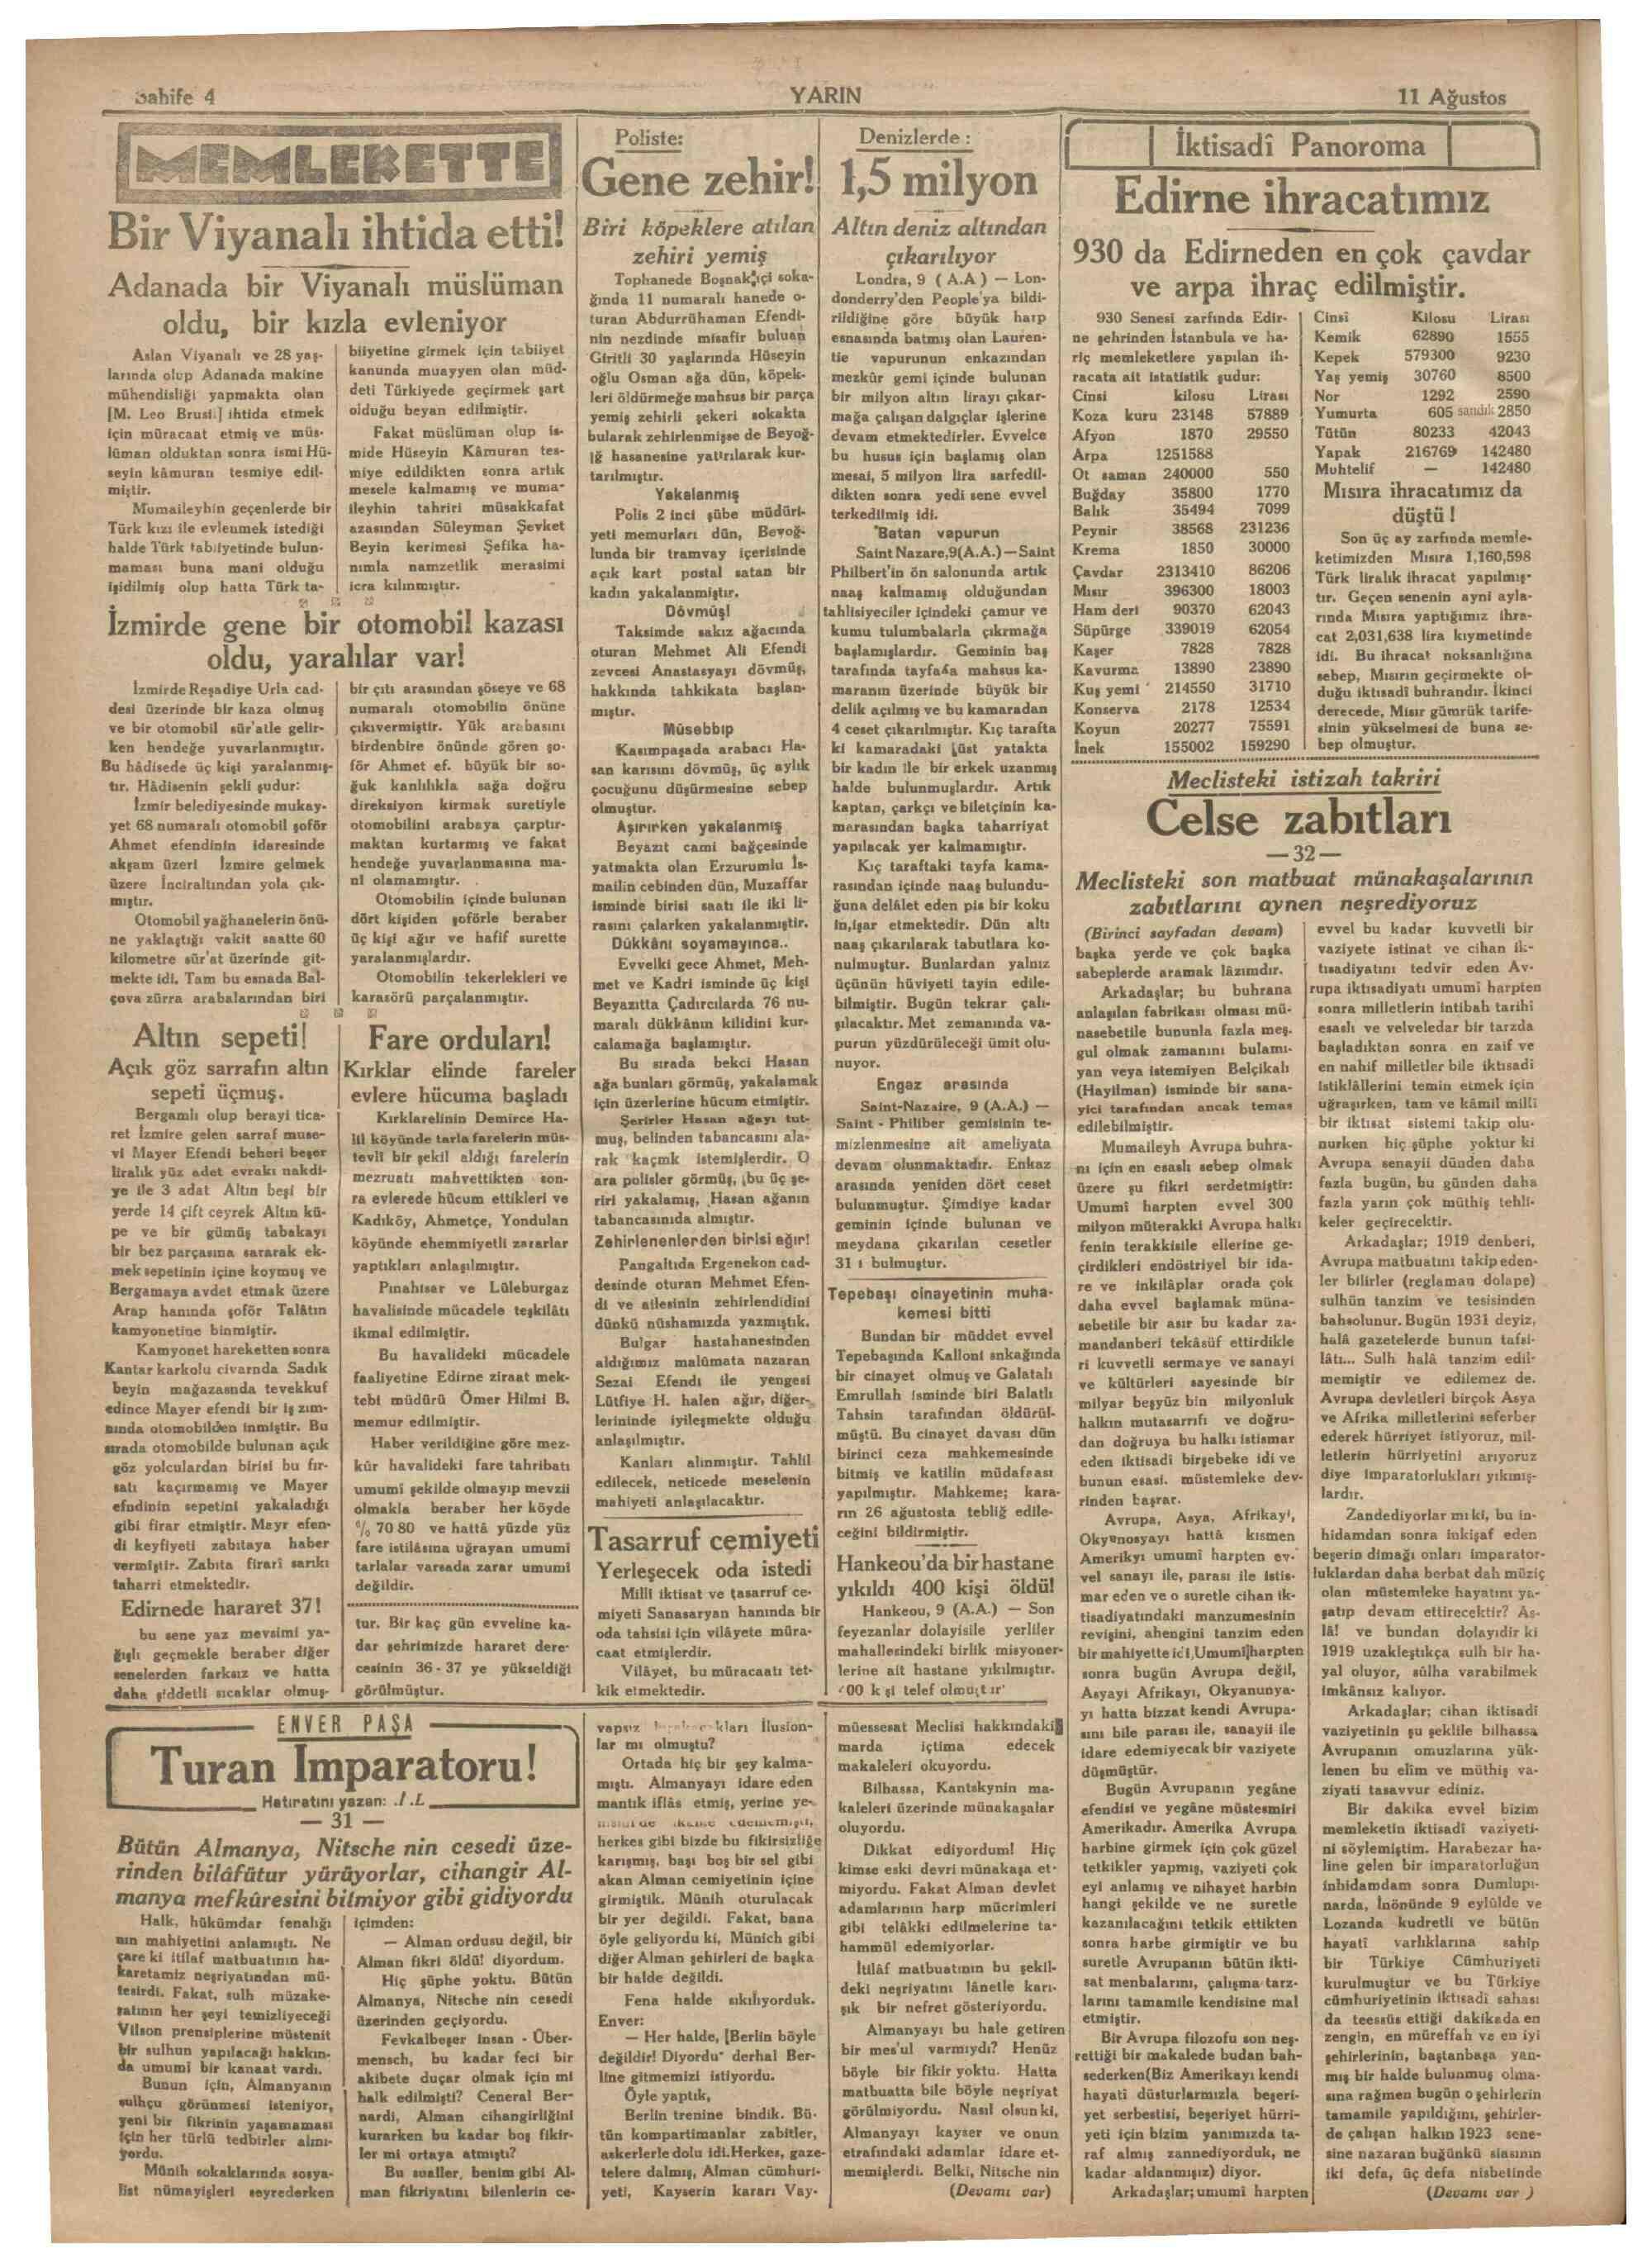 11 Ağustos 1931 Tarihli Yarın Dergisi Sayfa 4